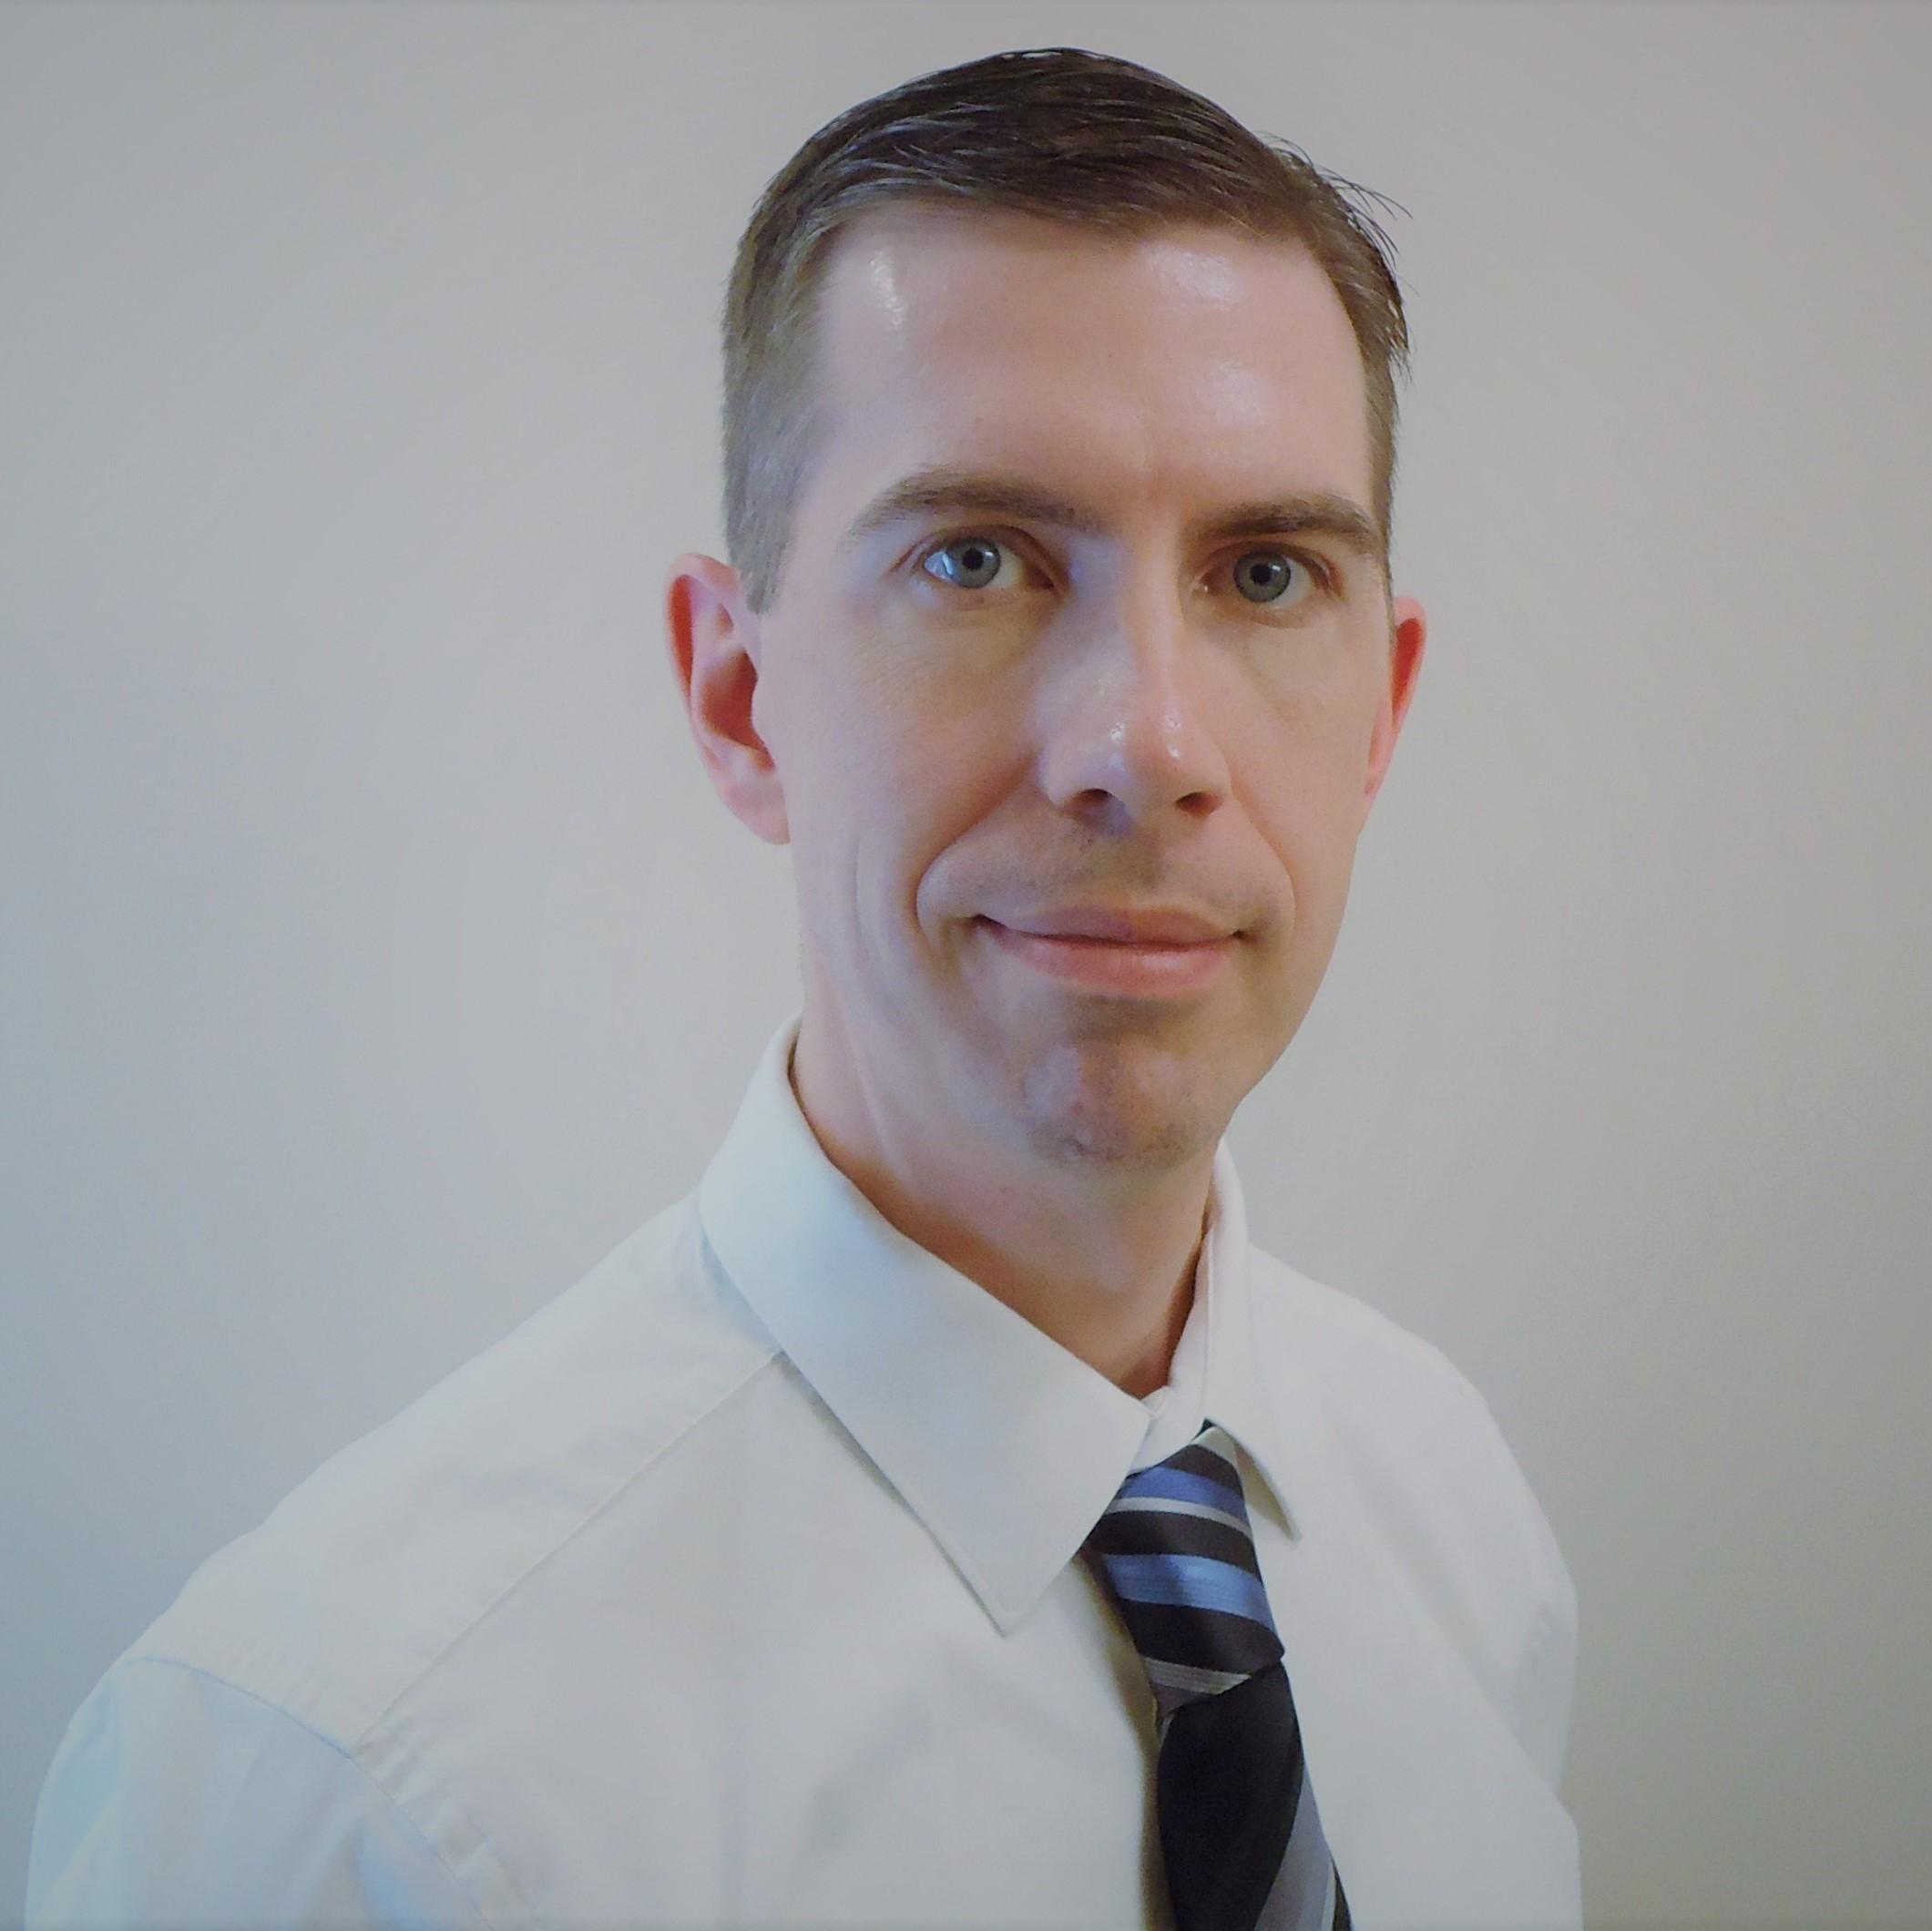 Stephen Shoults, EMT, EMS Instructor